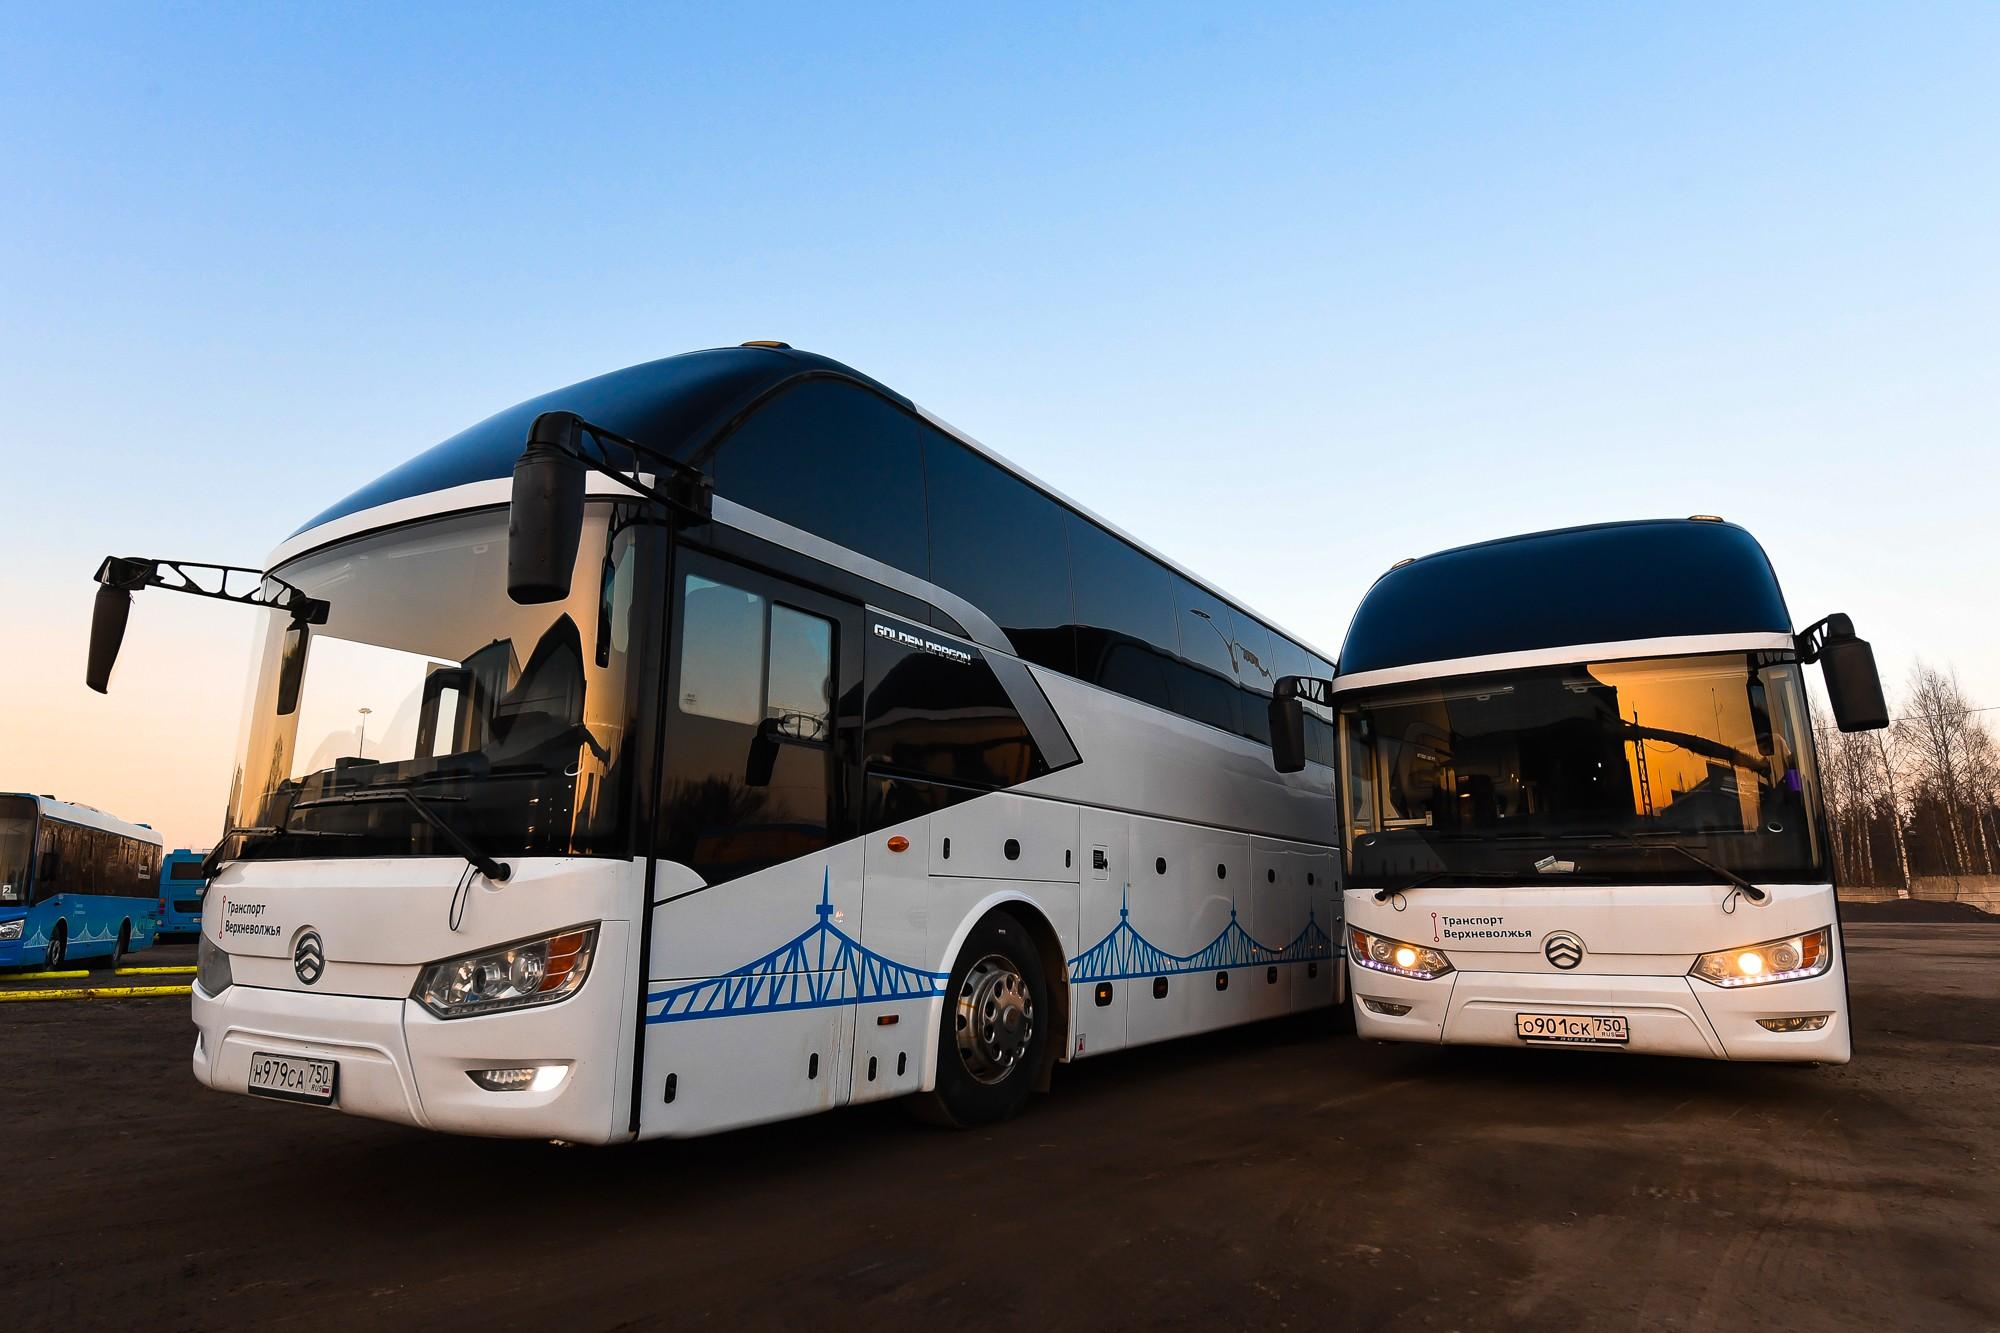 «Транспорт Верхневолжья» запустил новые междугородние маршруты из Твери в Кимры